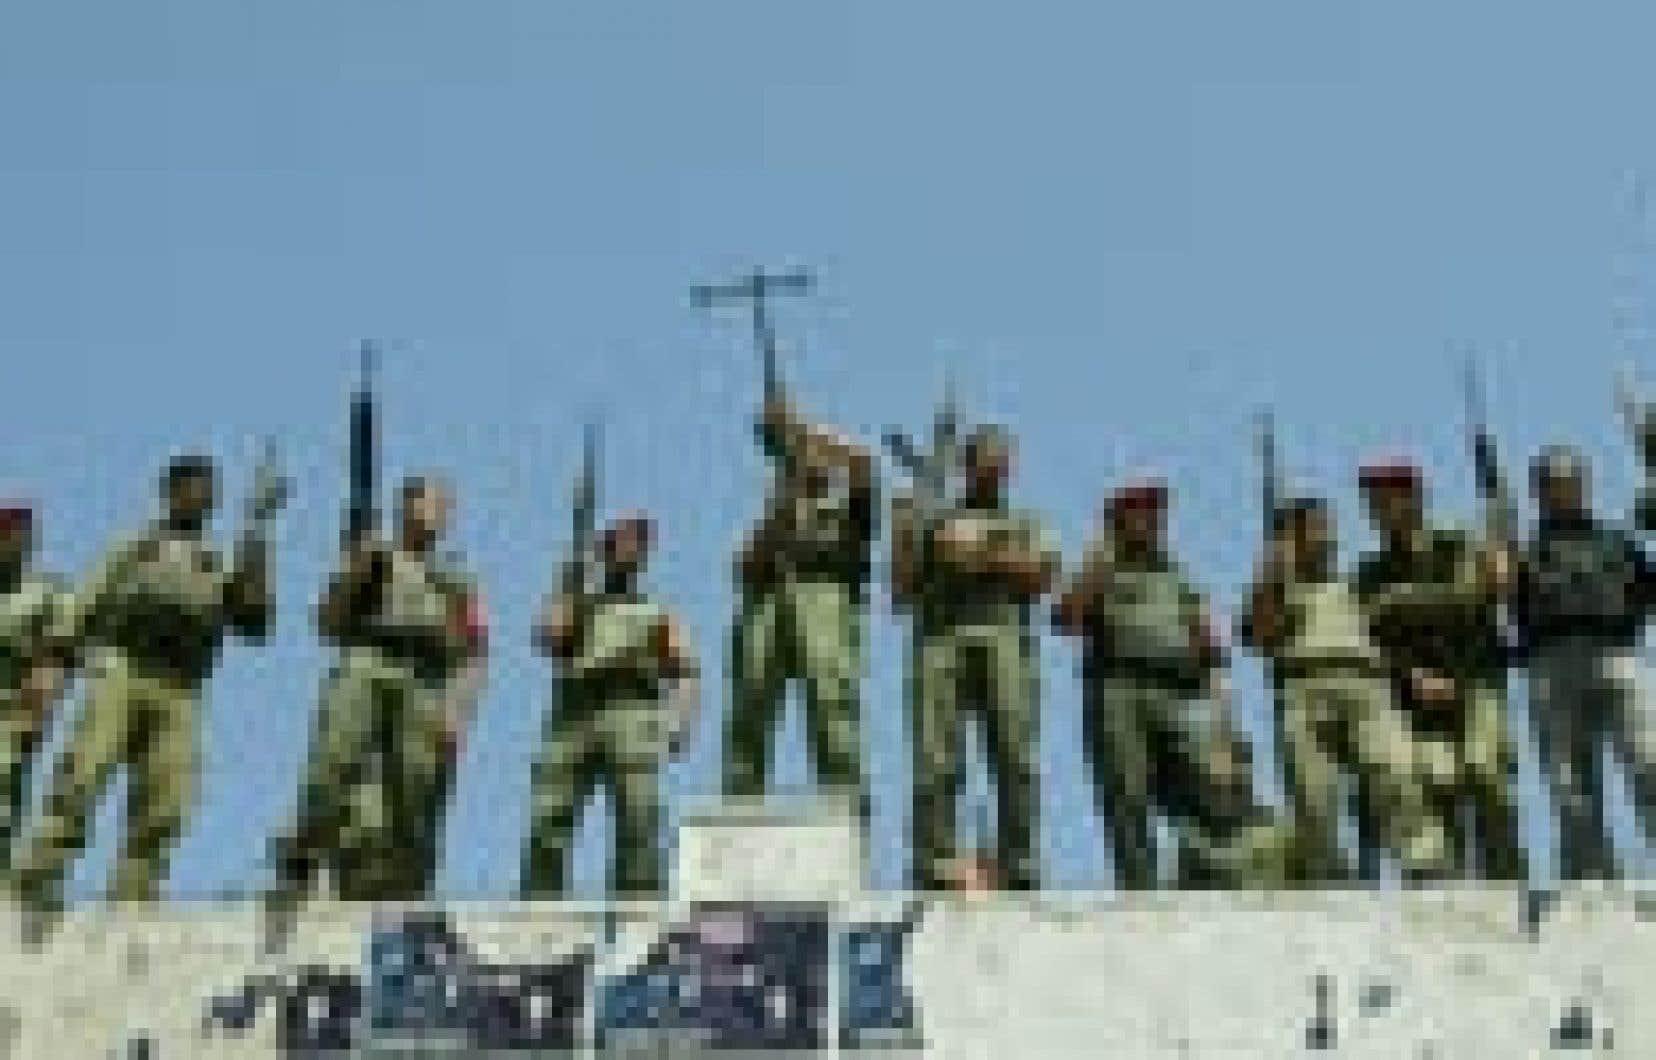 Manifestation d'appui à Moussa Arafat, le cousin du président de l'Autorité palestinienne.